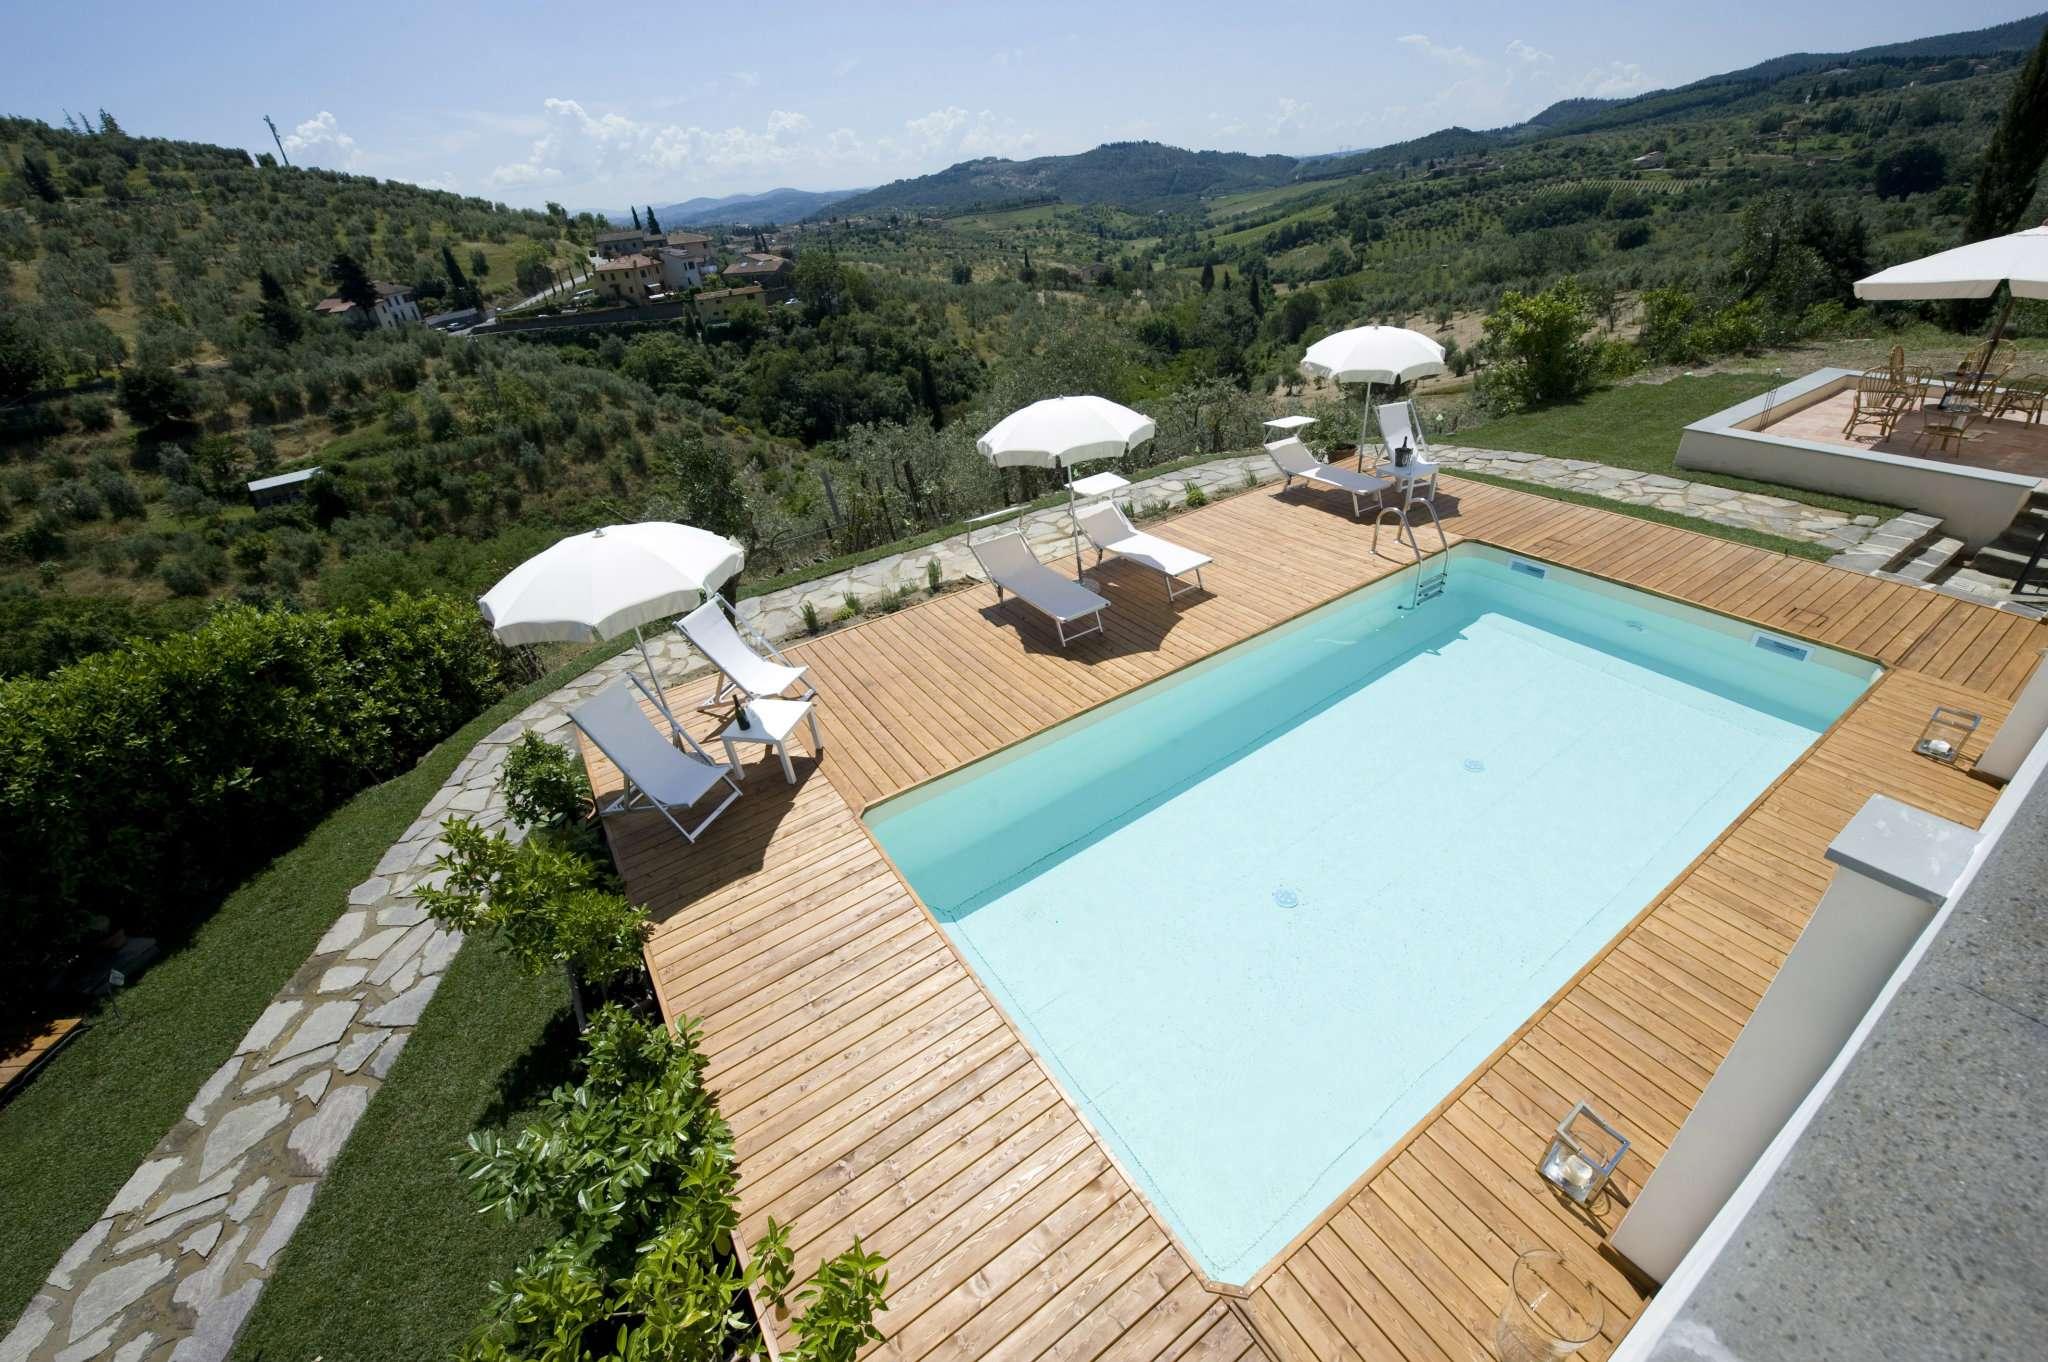 Villa in vendita a Poggio a Caiano, 11 locali, prezzo € 1.500.000 | CambioCasa.it